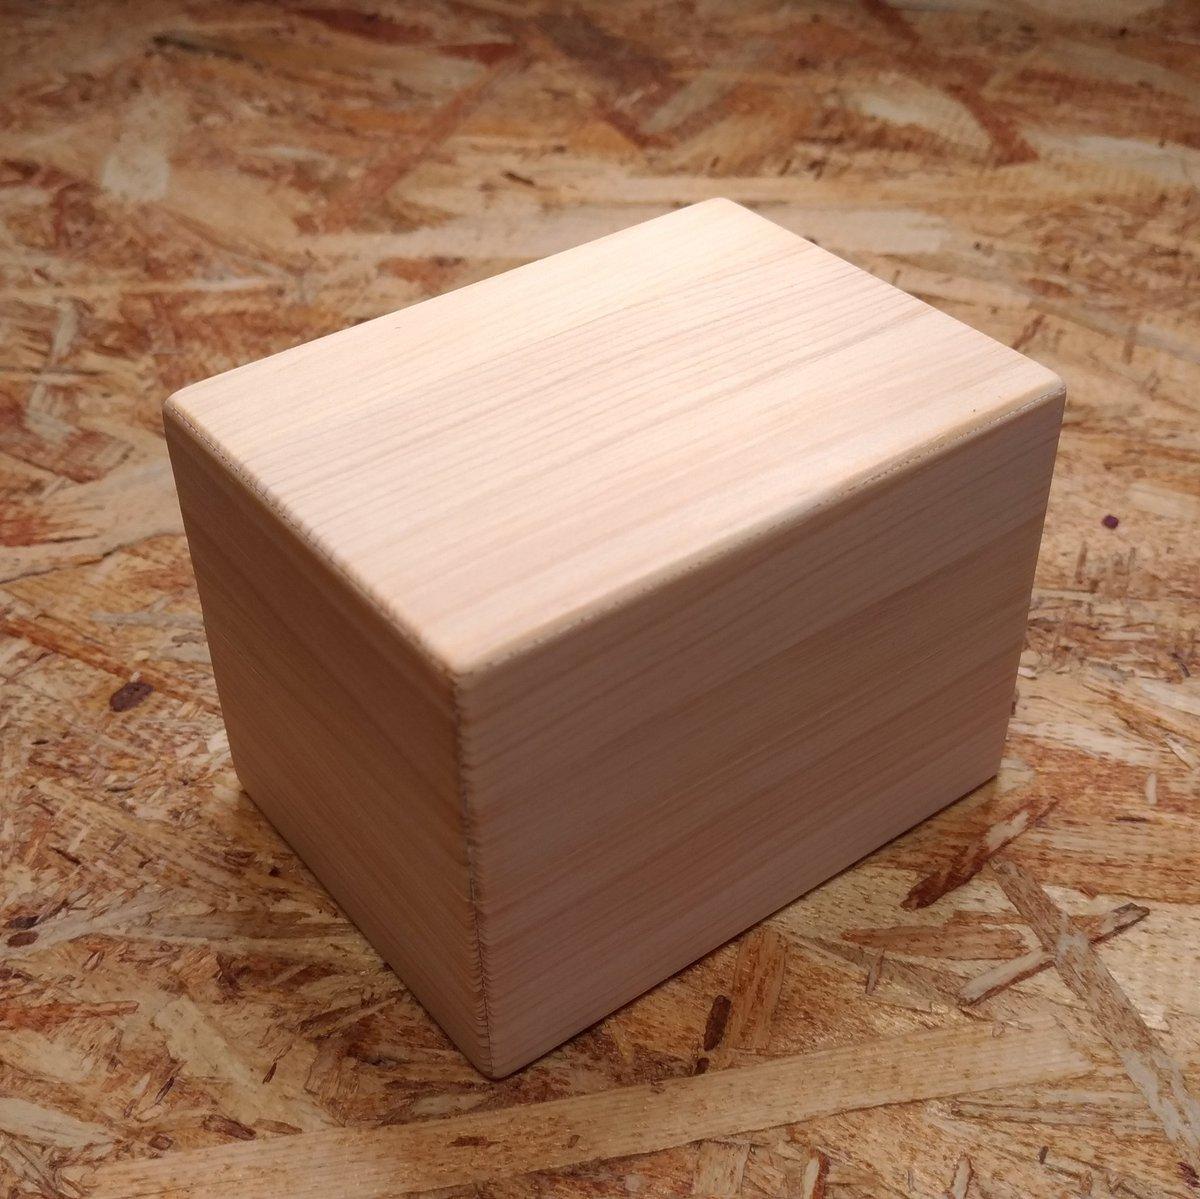 木彫り作家なので木片を渡してプロポーズしました。